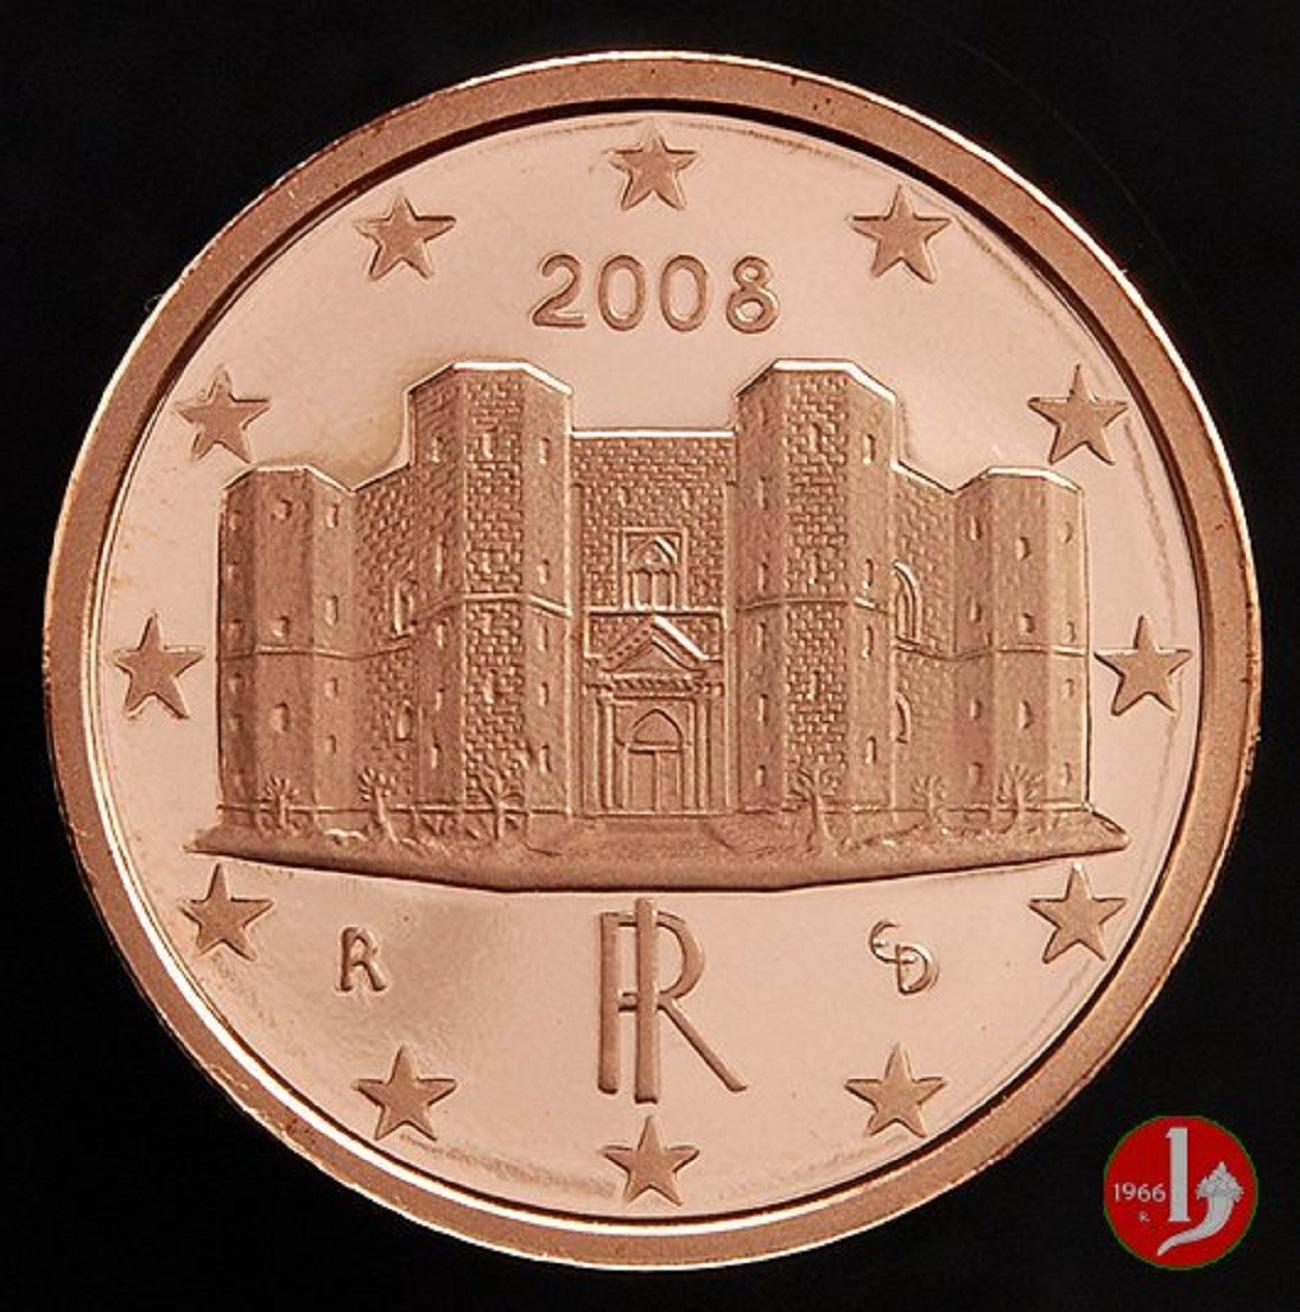 1 centesimo di euro Castel del Monte